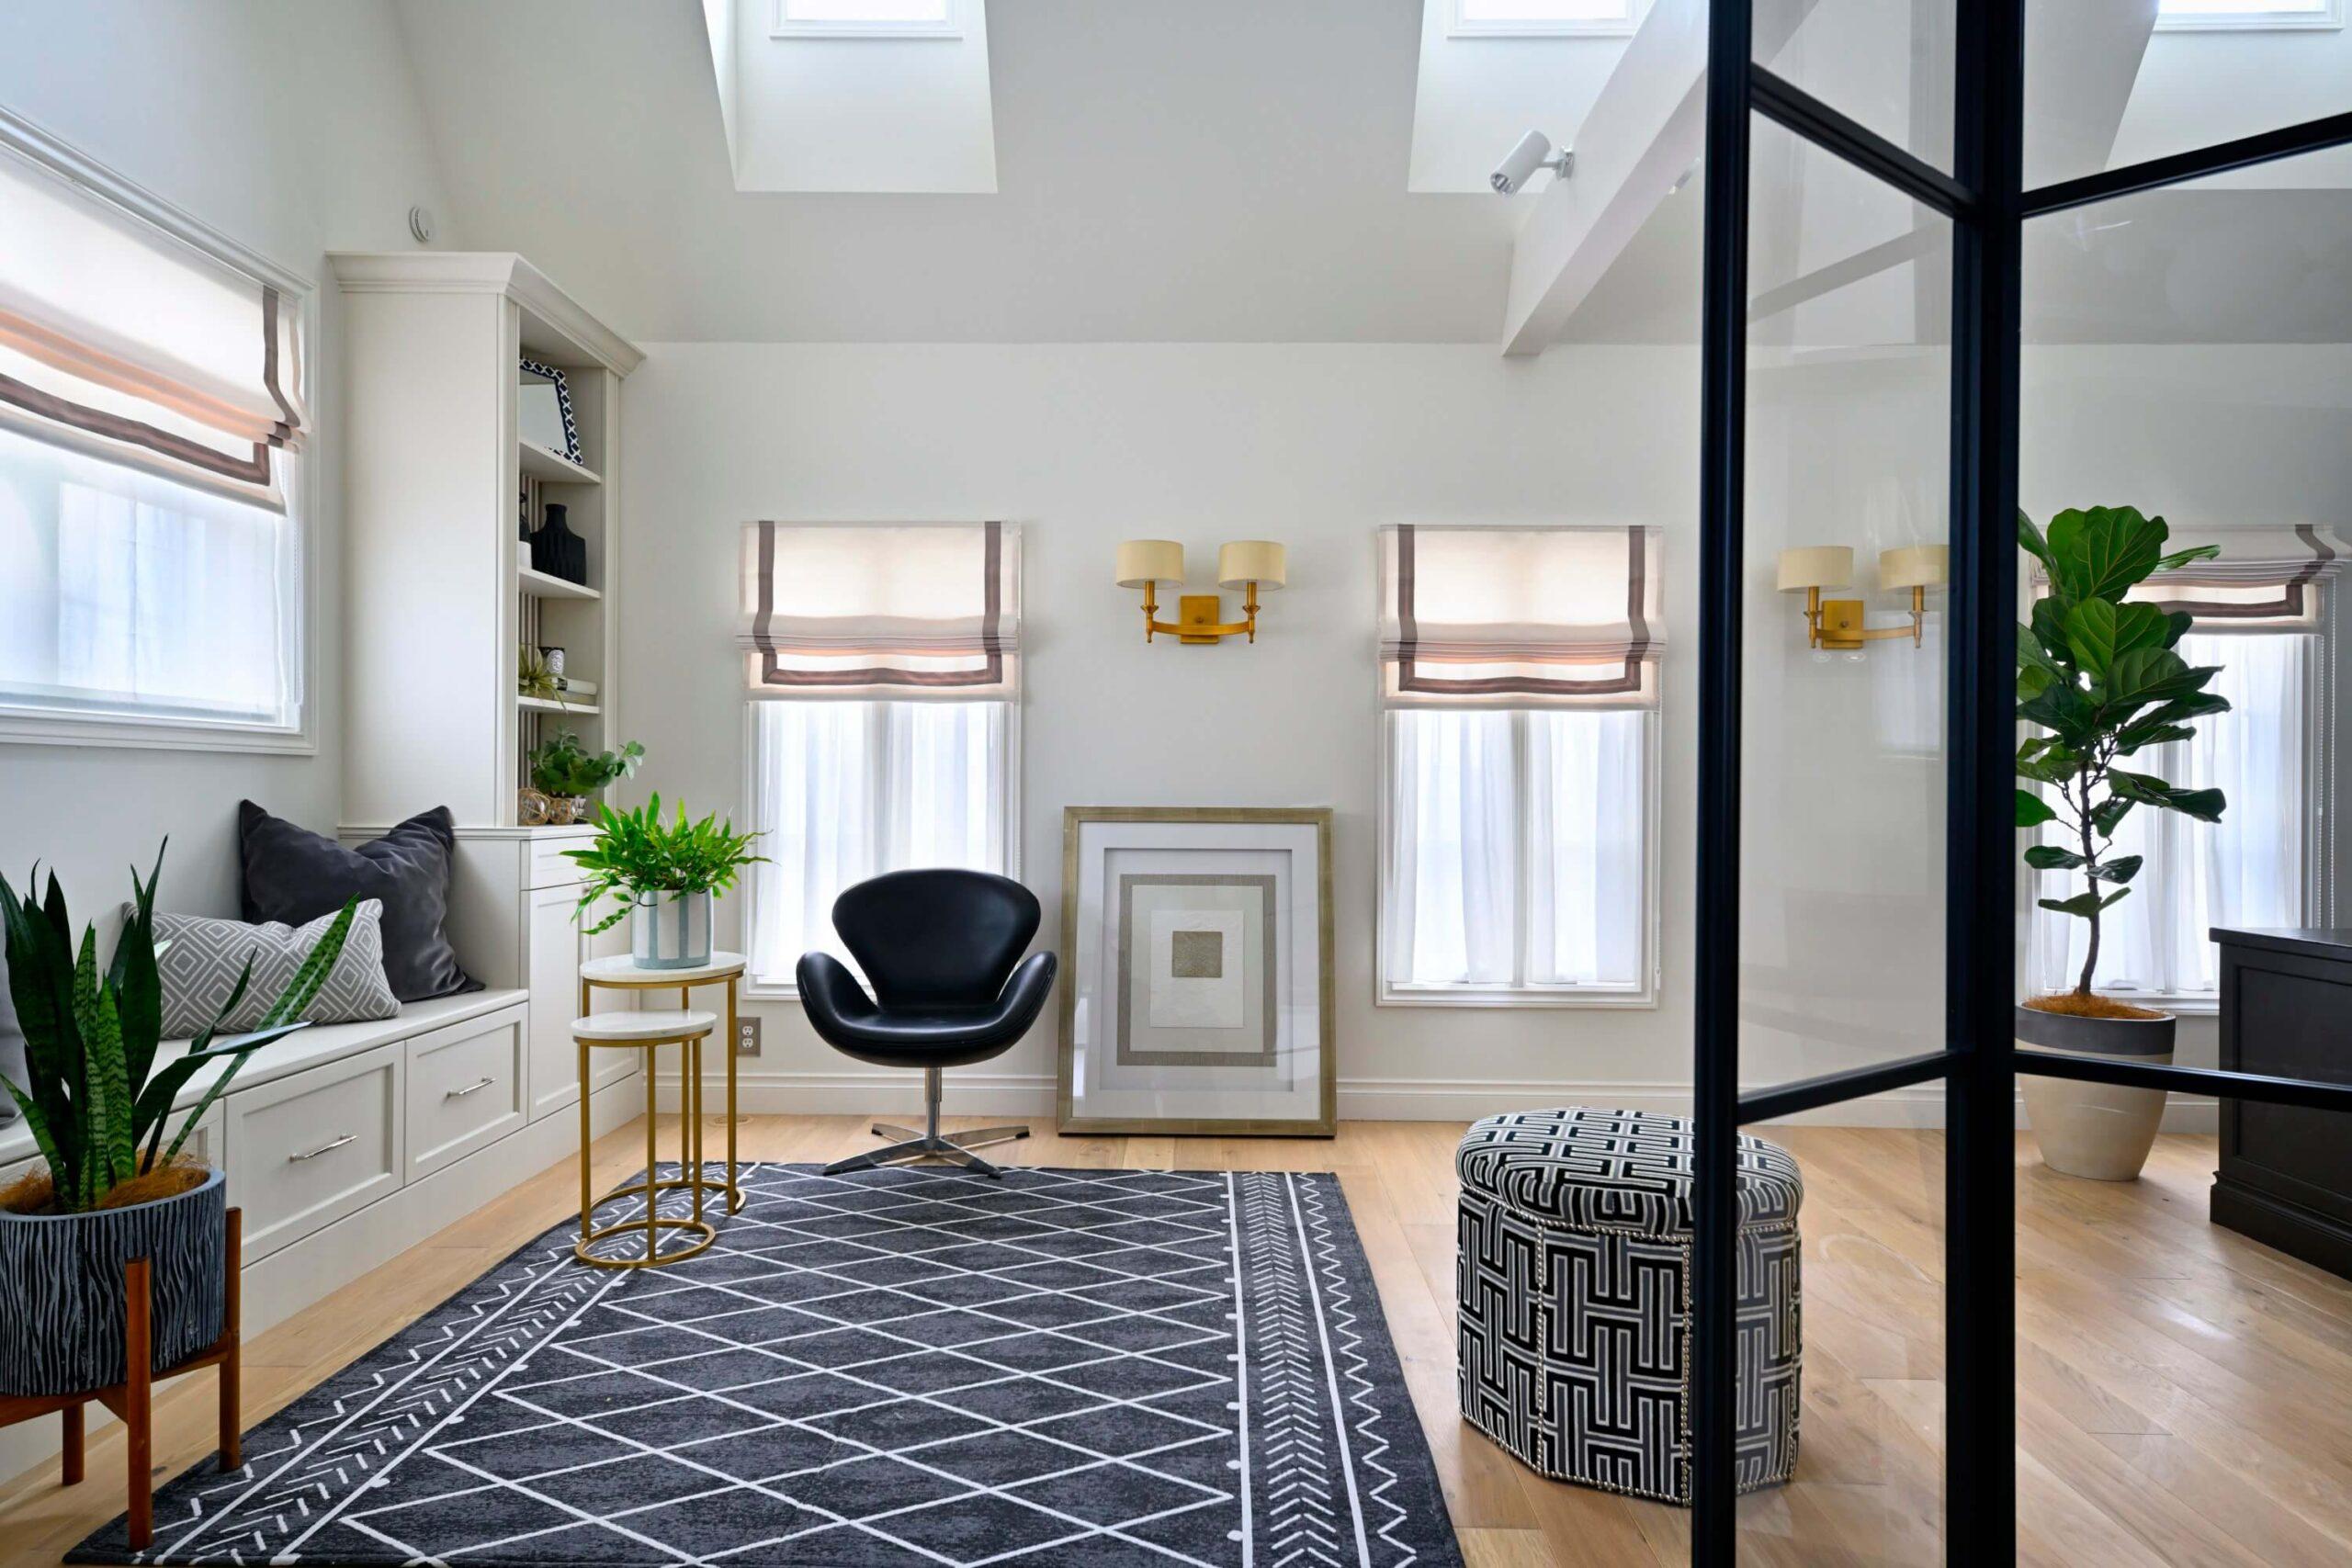 パリスタイルの本格輸入住宅のリビング